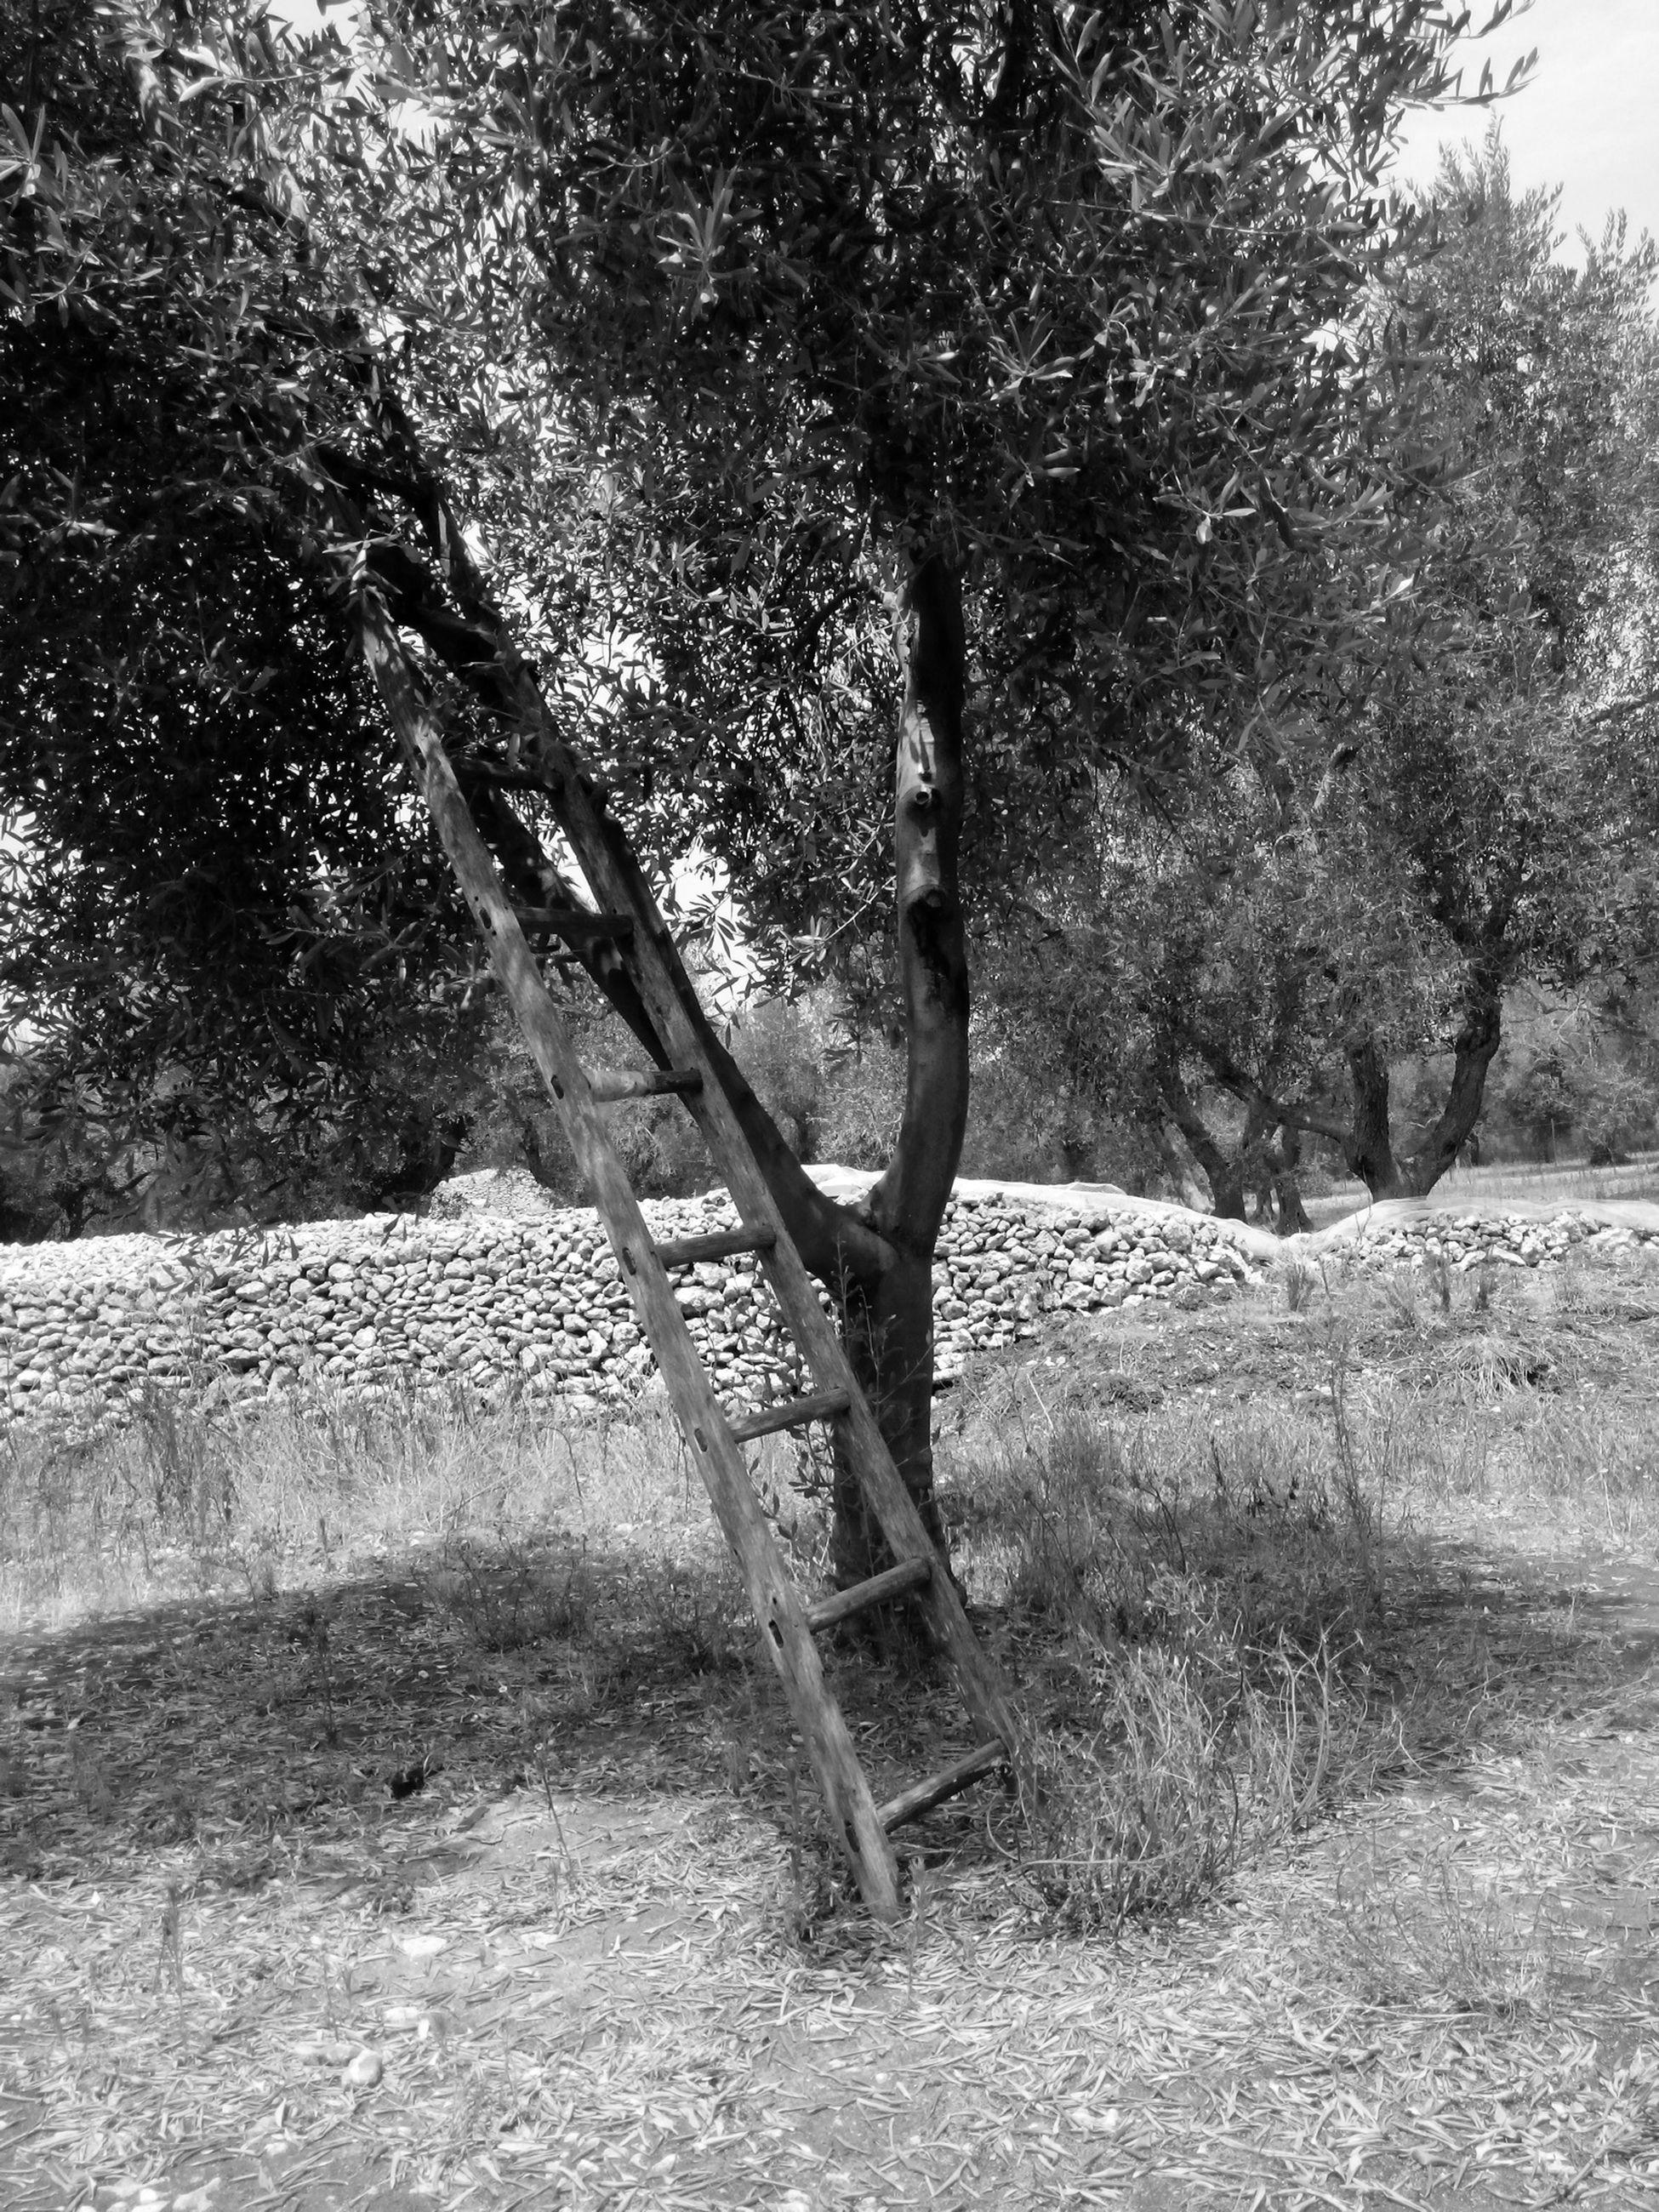 Alimini Survey Ulivi Scala Forgotten Blackandwhite EyEmNature